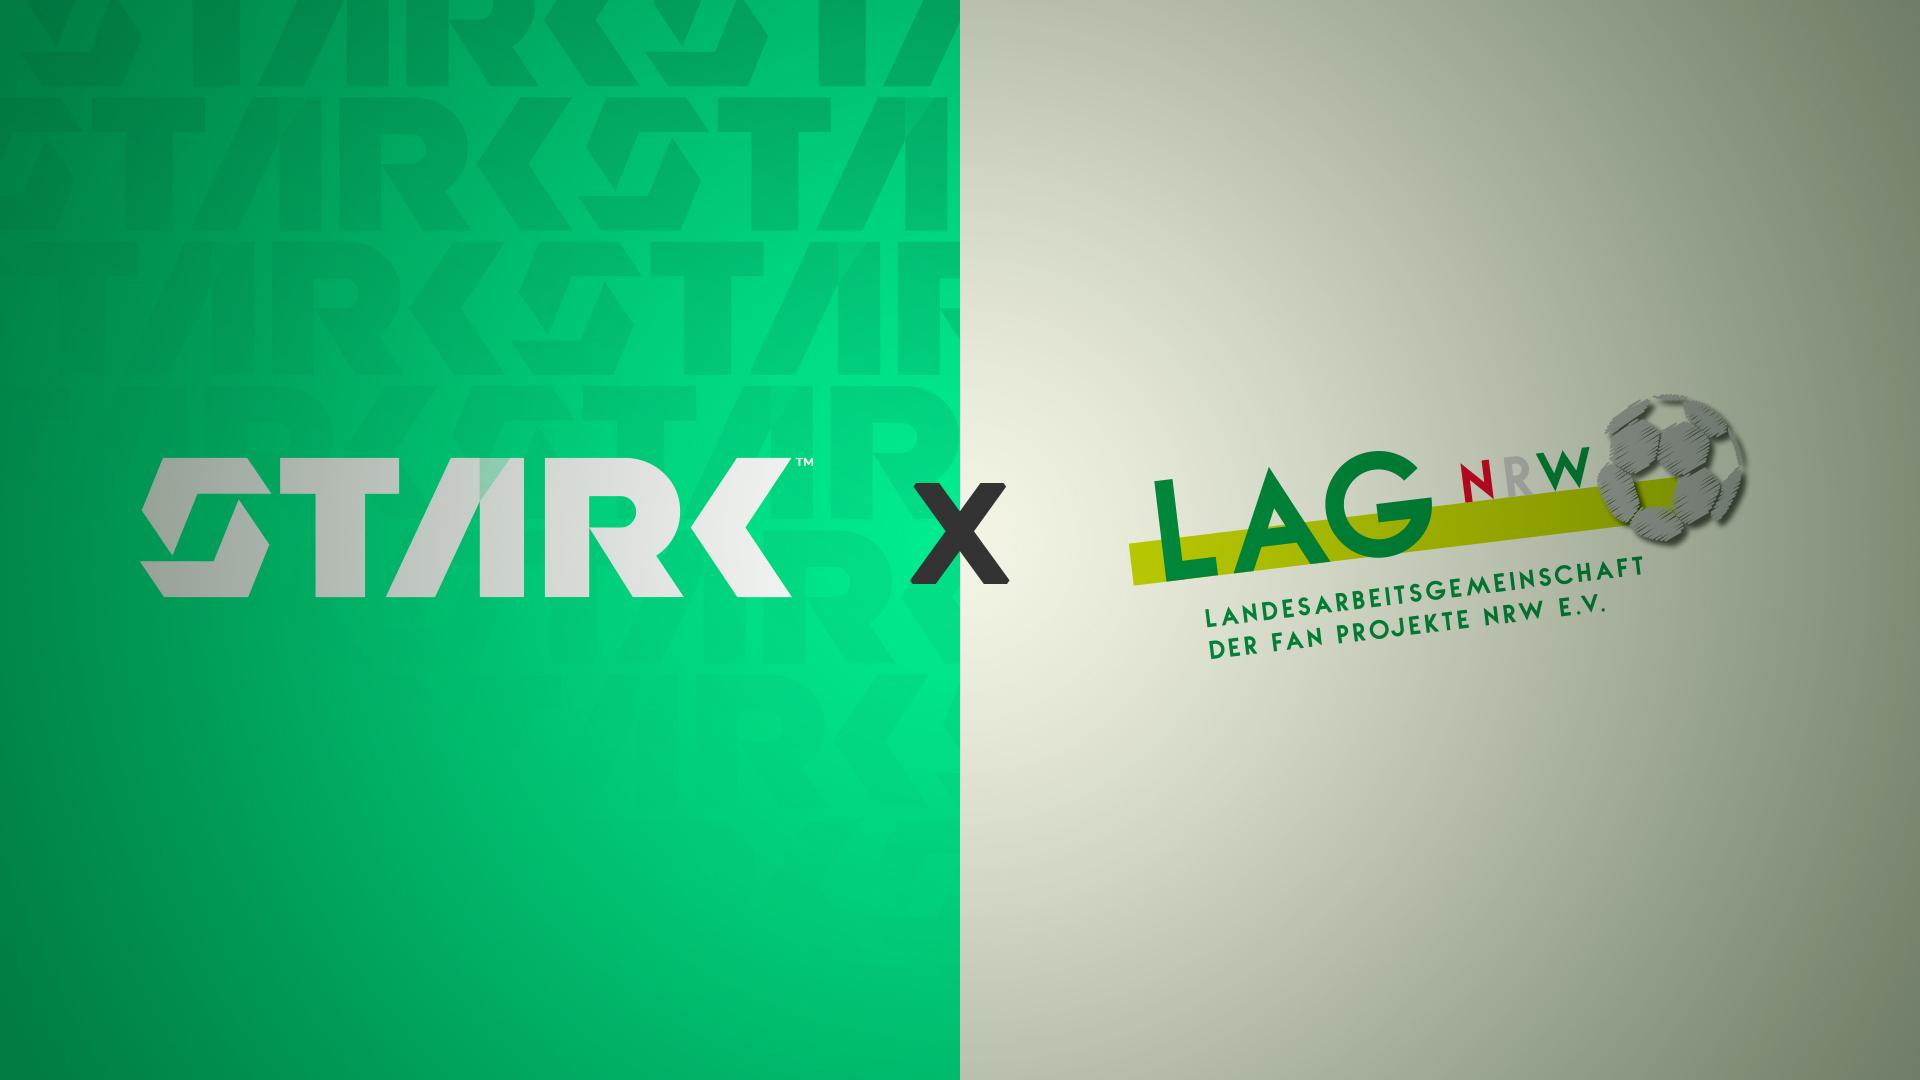 LAG NRW und STARK Esports starten regionale Gaming und Esports-Initiative